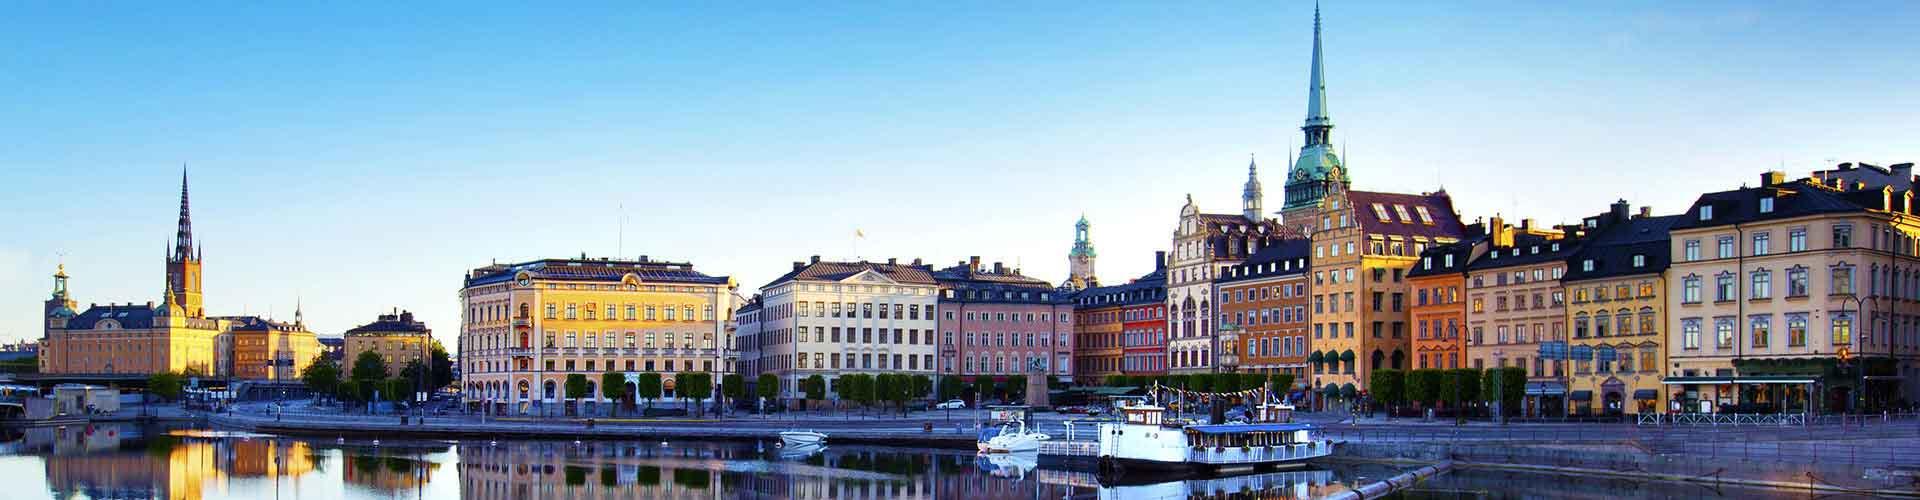 스톡홀름 - 스톡홀름에 있는 호스텔. 스톡홀름의 지도, 스톡홀름에 위치한 호스텔 사진 및 후기 정보.